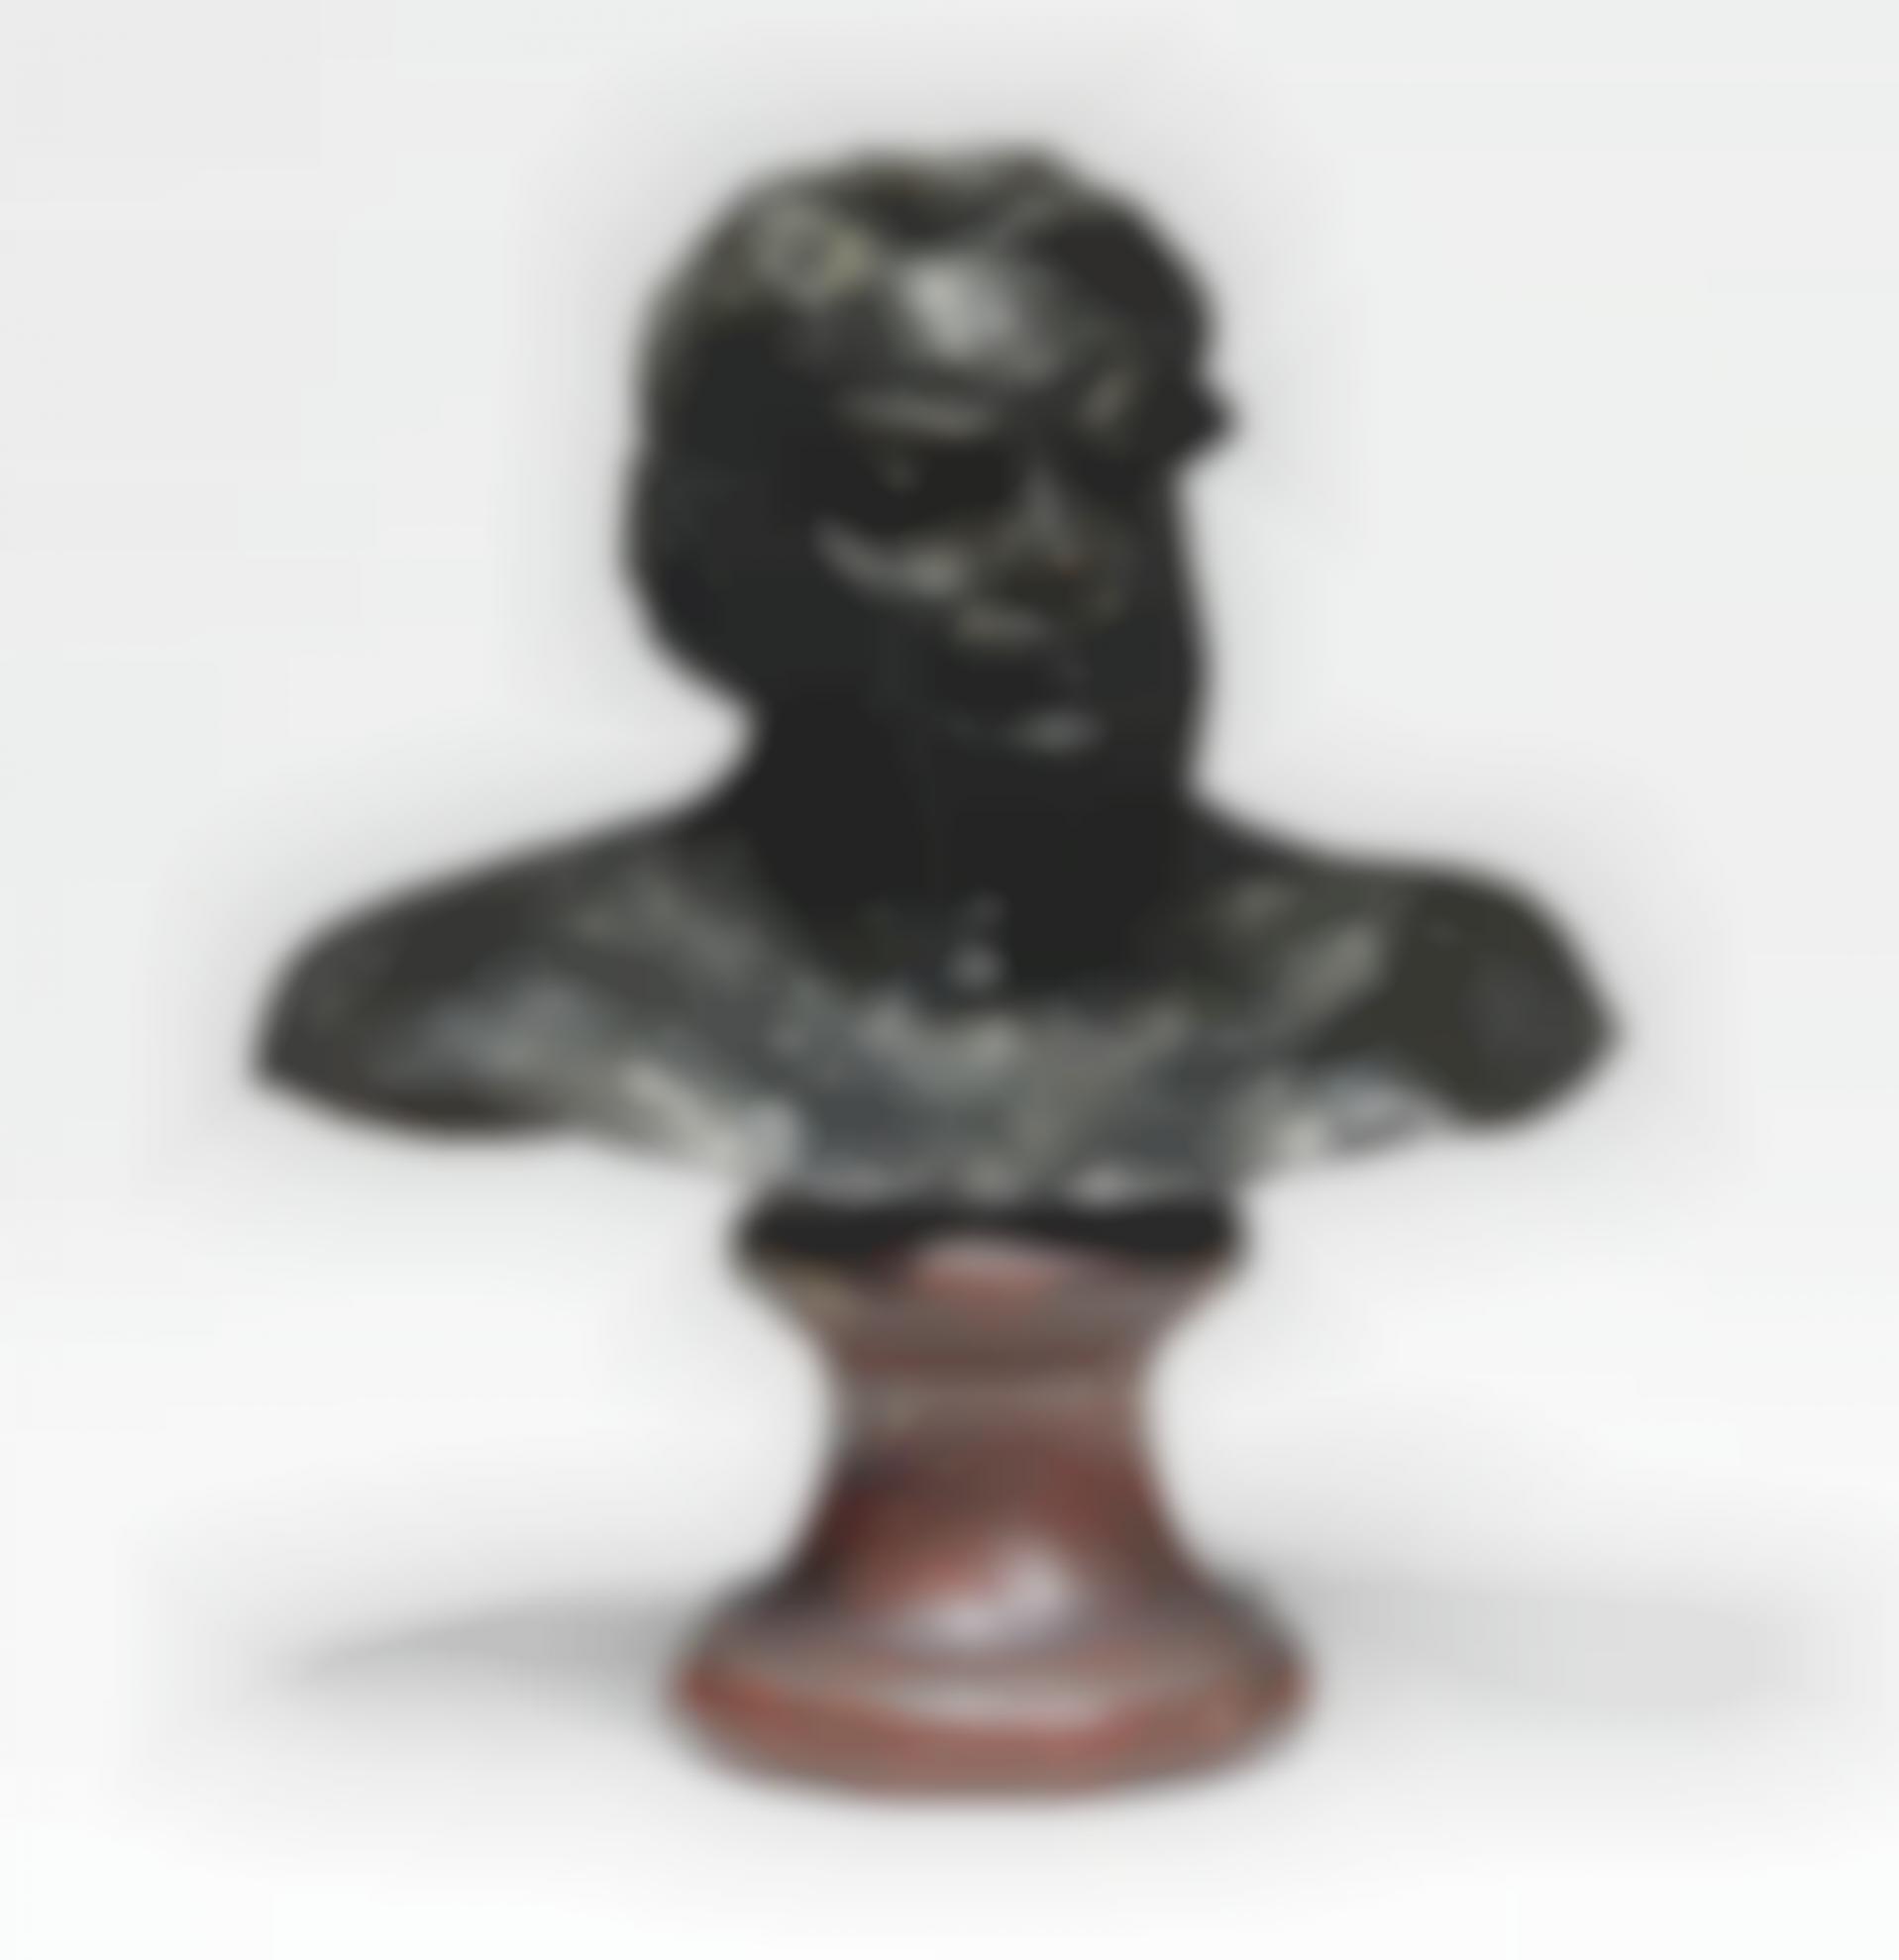 Auguste Rodin-Balzac, Etude Type C (Buste), 1Ere Version, Petit Modele-1920